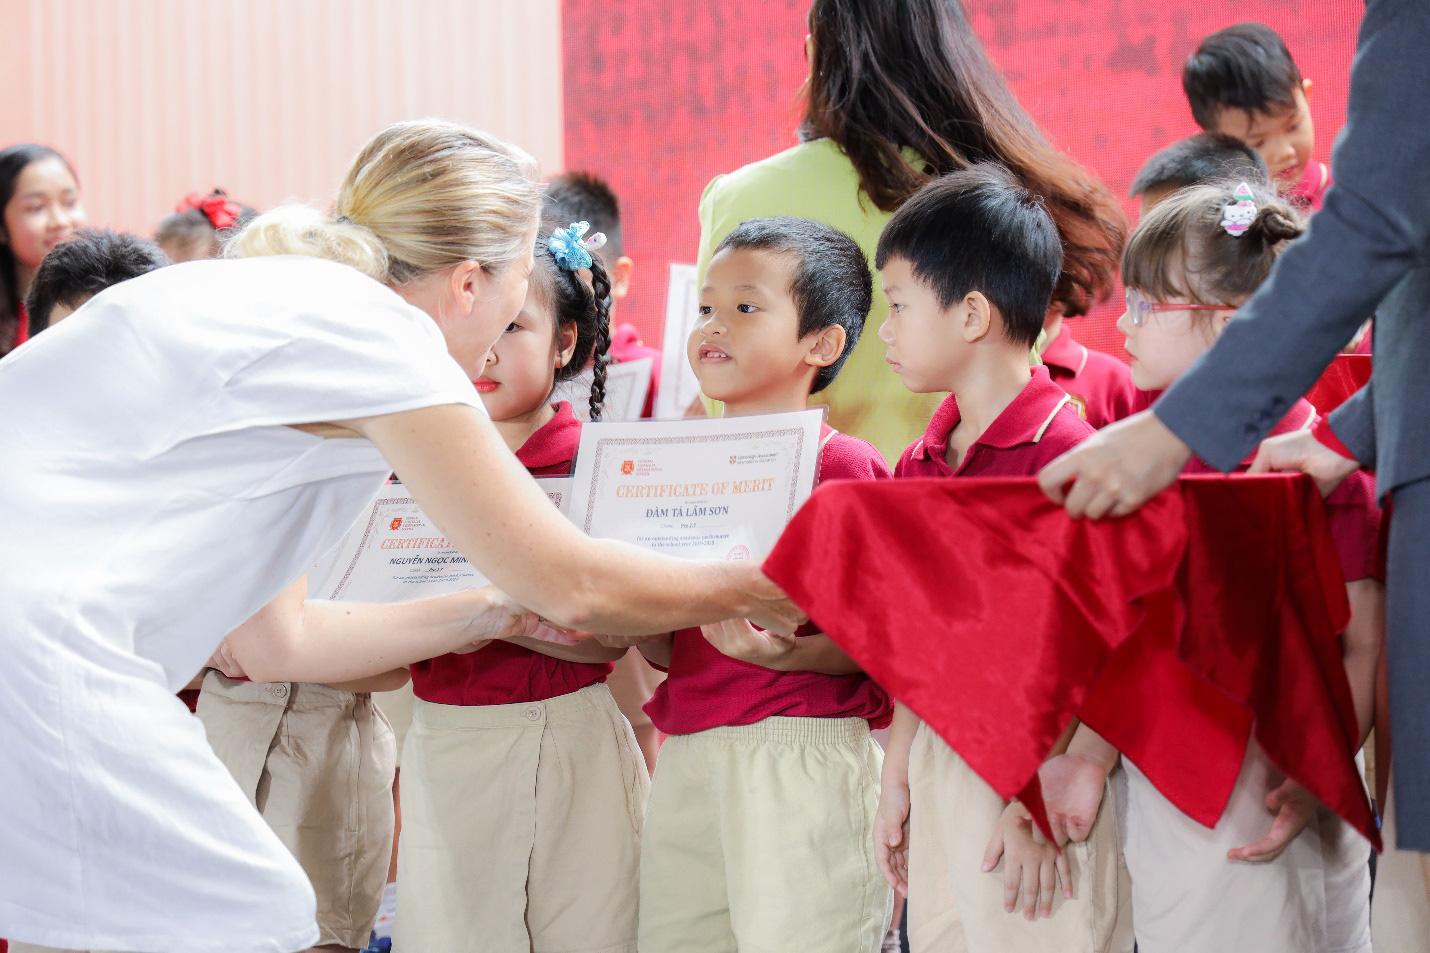 Giáo dục trẻ trong xã hội hiện đại – khả năng thích ứng và linh hoạt thay đổi - Ảnh 1.